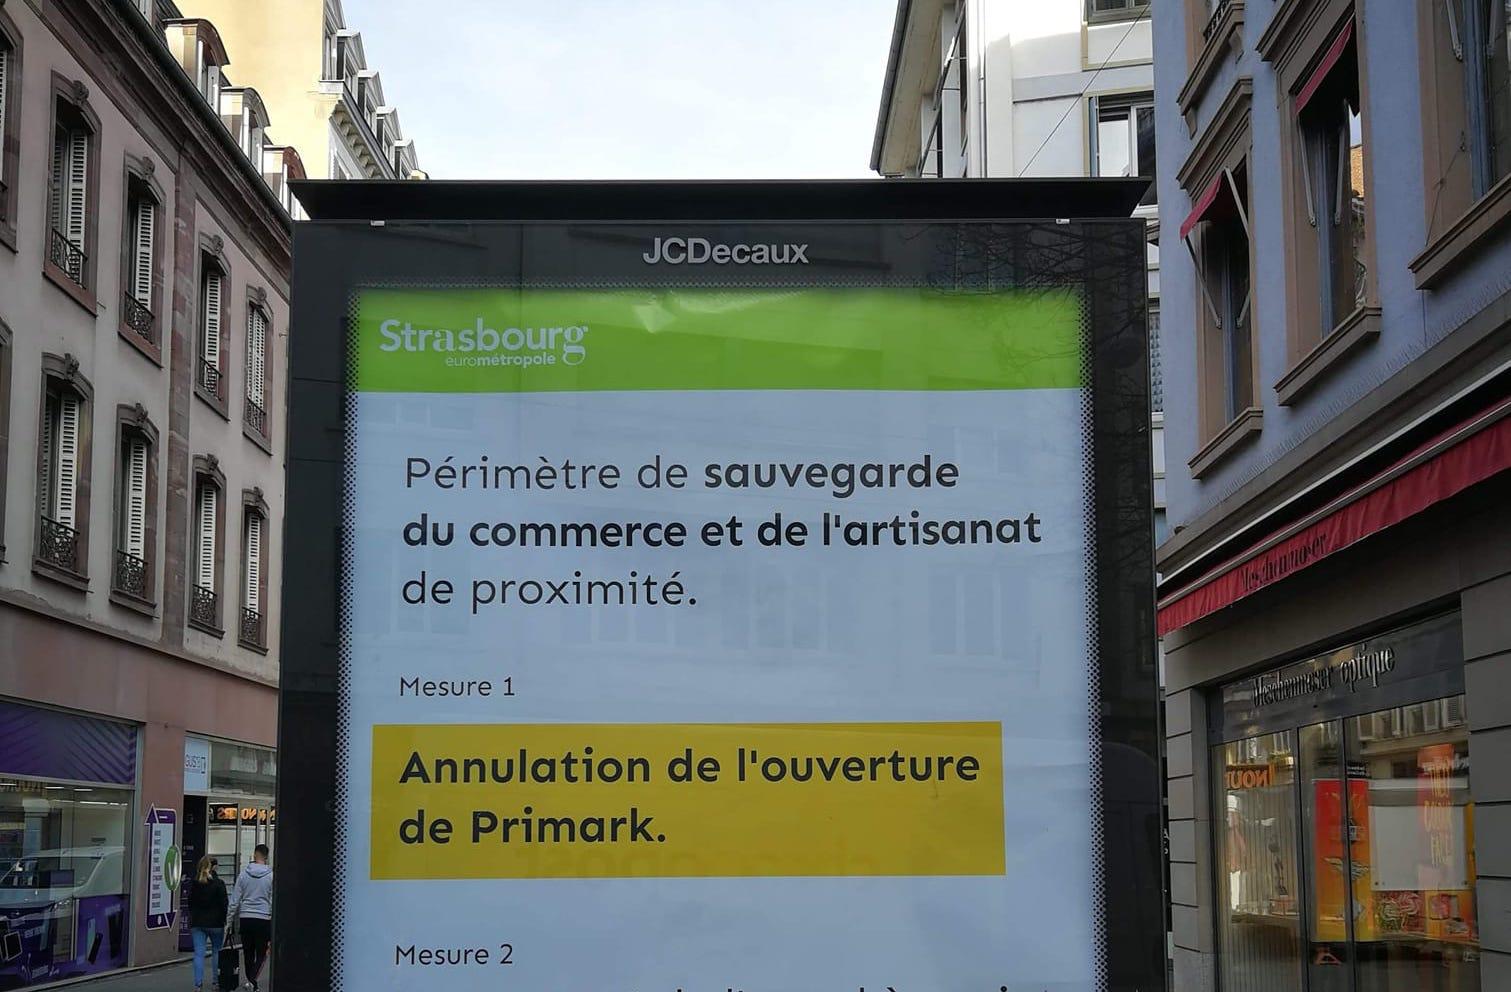 Annulation d'ouverture du Primark de Strasbourg ? une affiche sème le doute